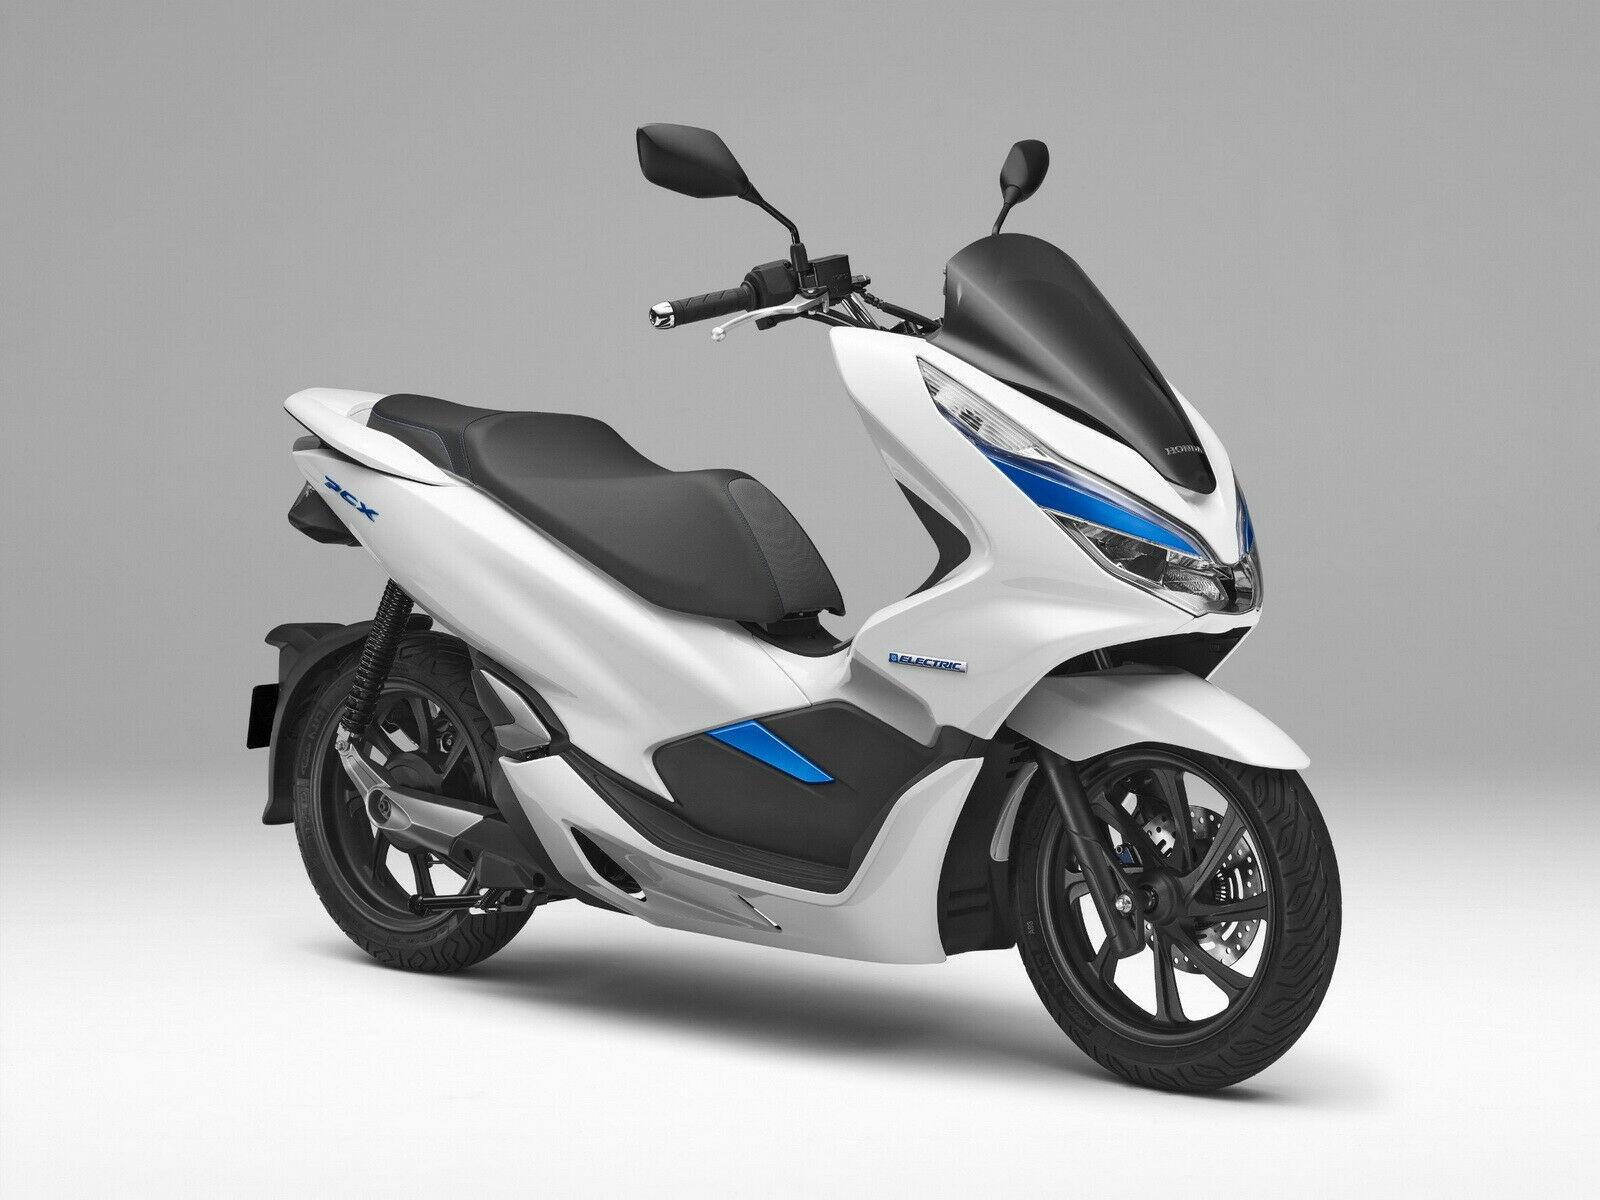 เปลี่ยนชื่อ Honda PCX Hybdrid